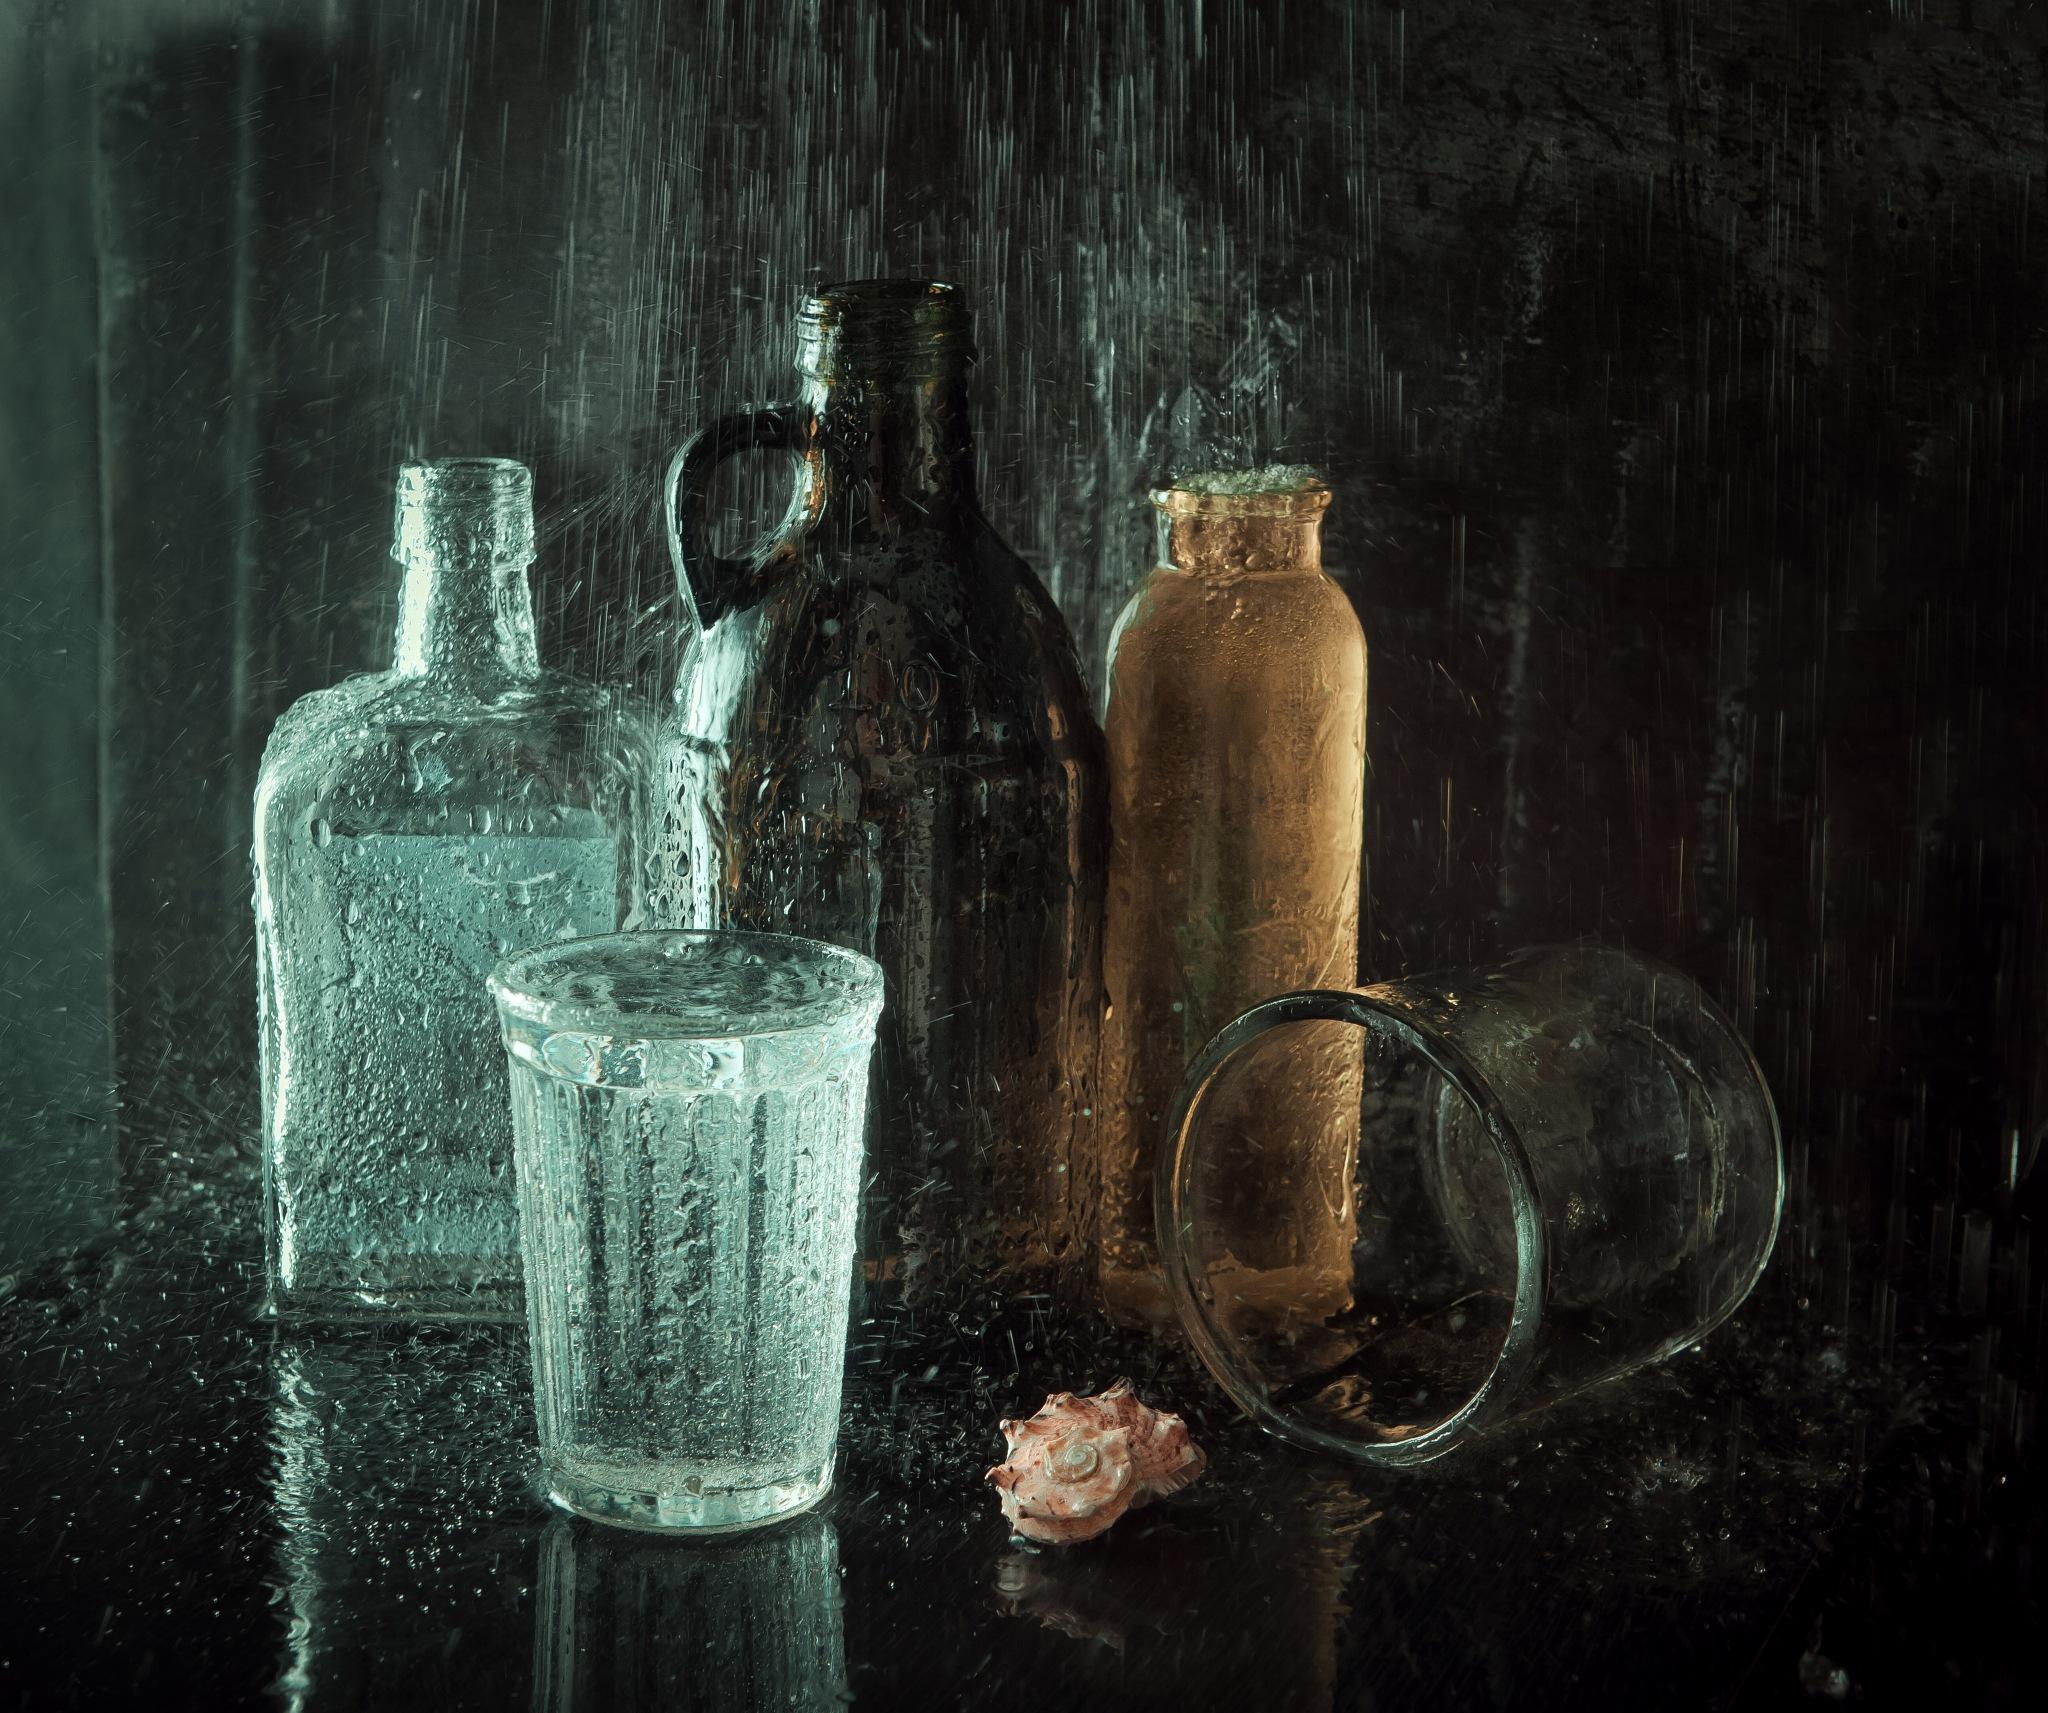 under the rain by Nataly Golubeva